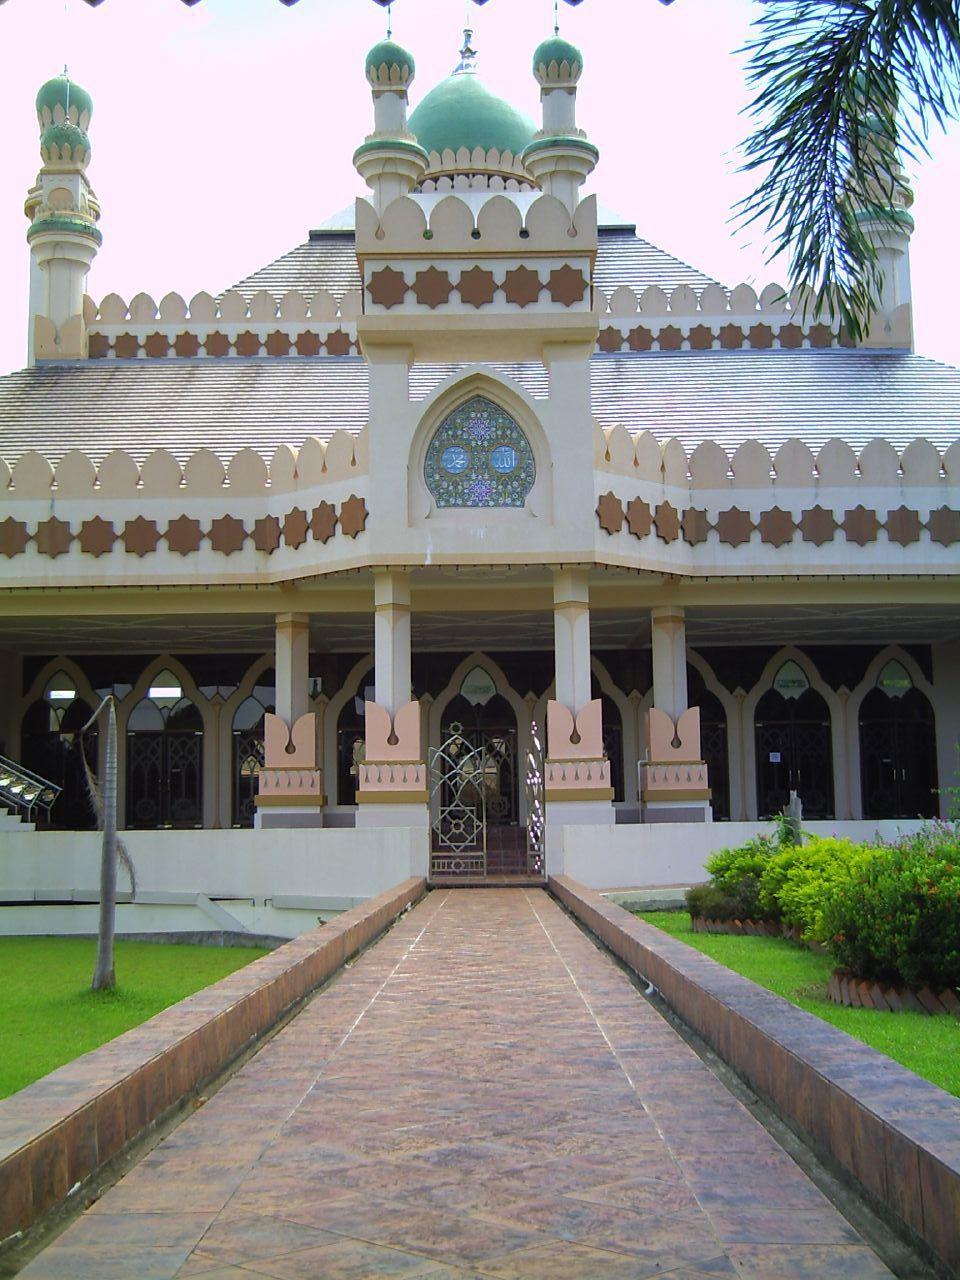 Brunei wikivoyage guida turistica di viaggio for Piccole piantagioni